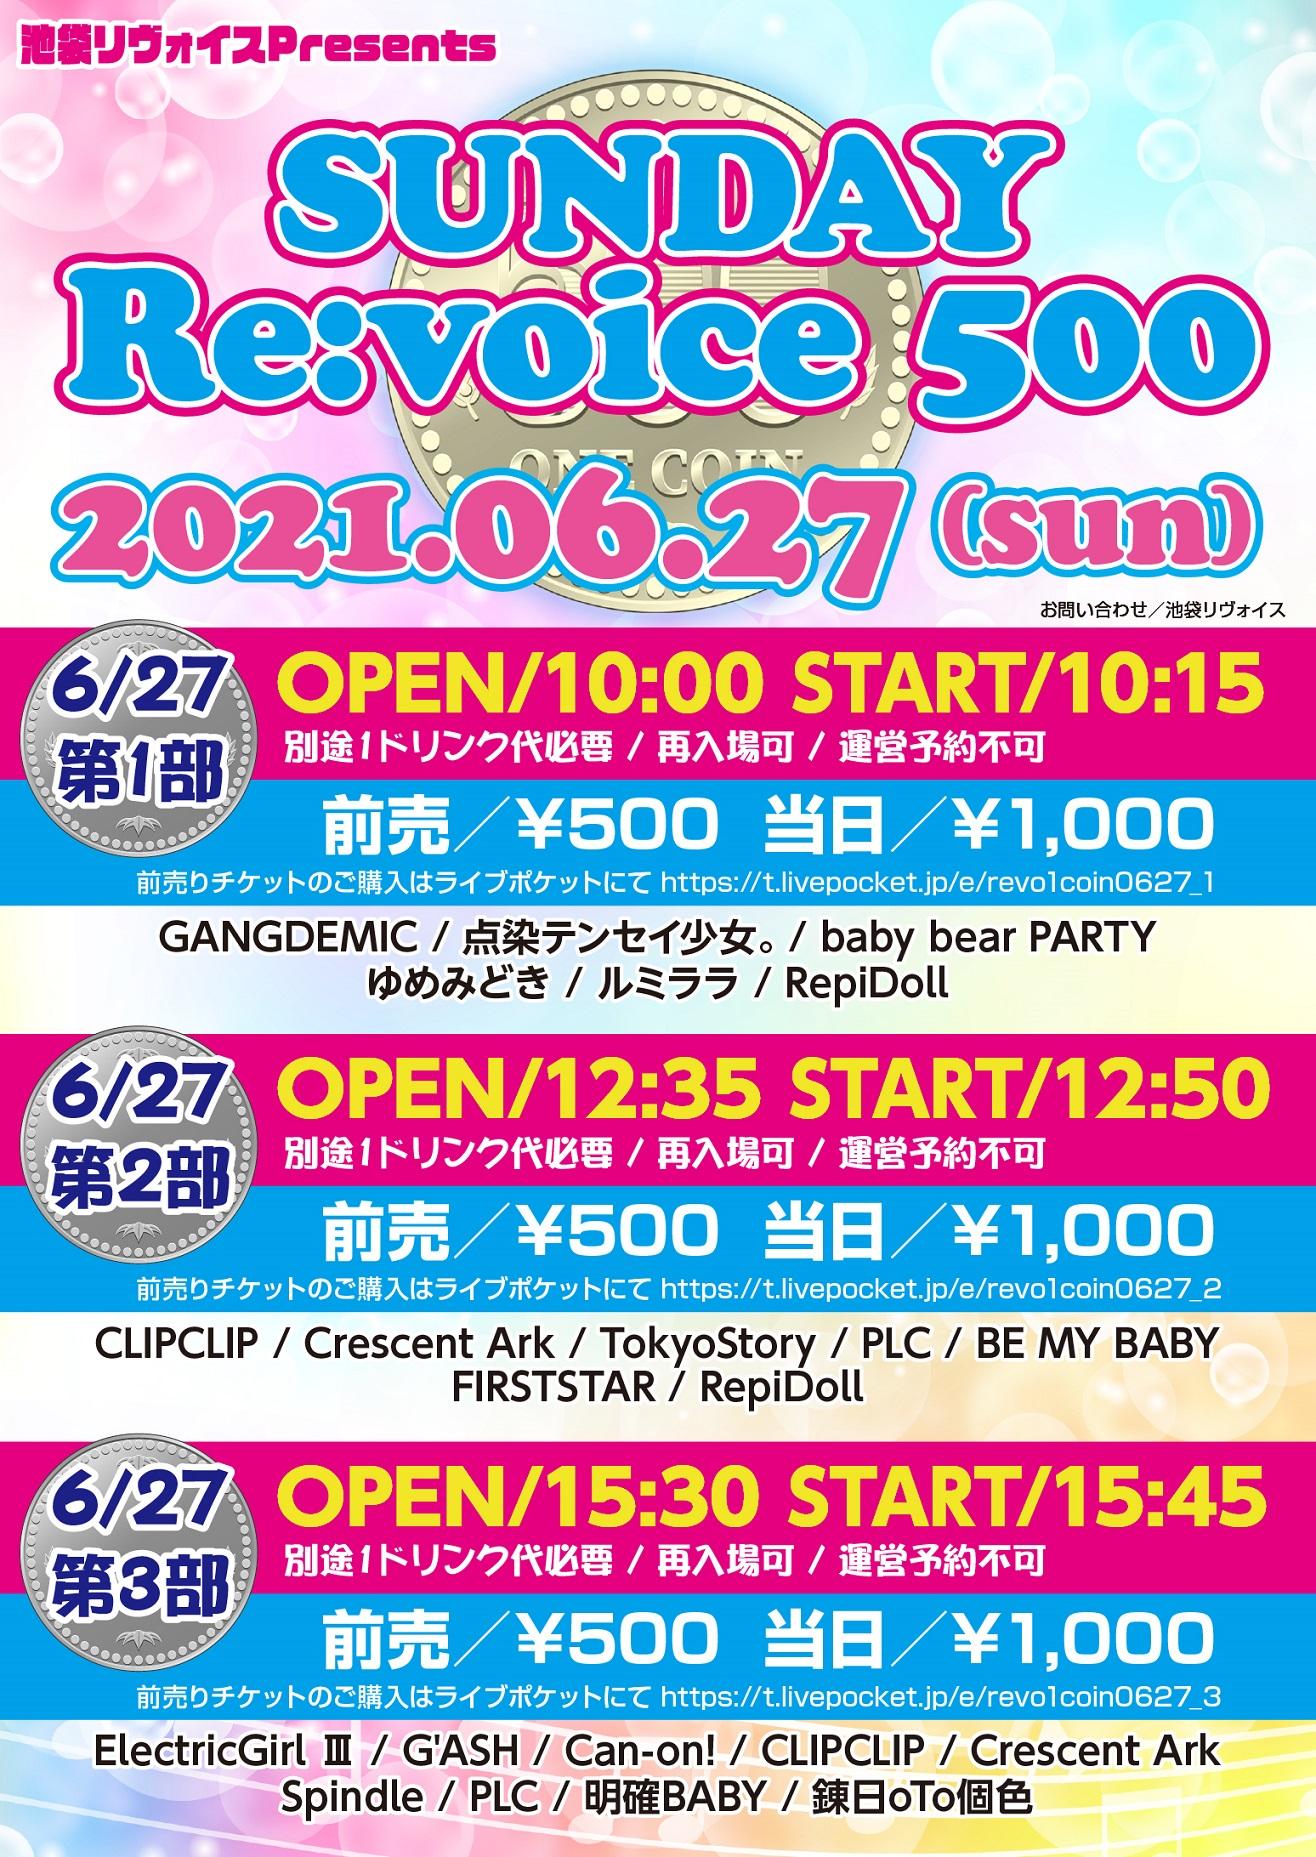 【第一部】SUNDAY Re:voice 500